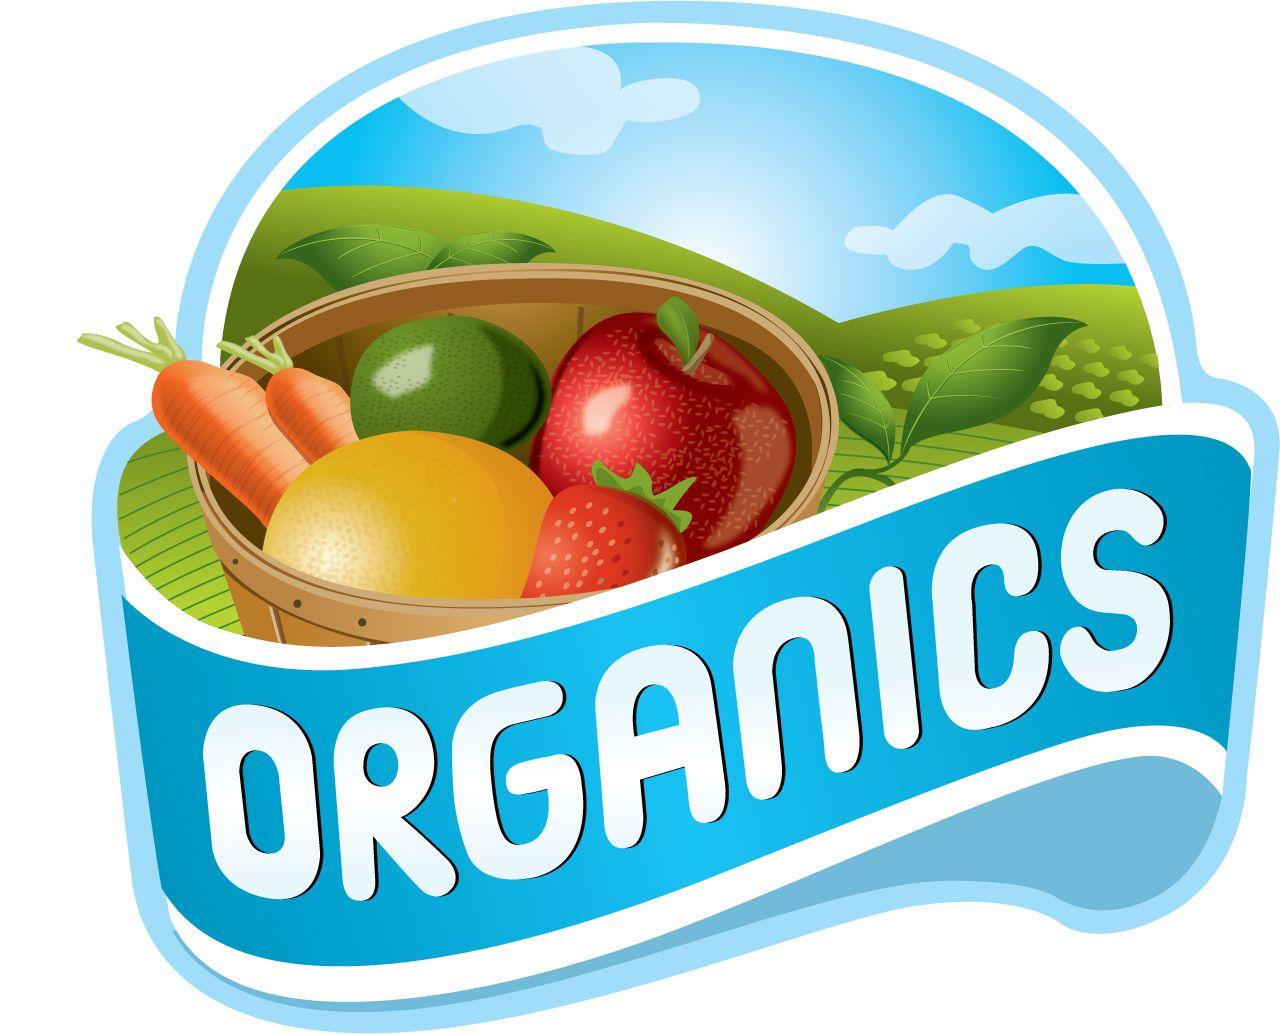 organics_fruit_carrot_apple_vagetables_logo.jpg (1280×1034